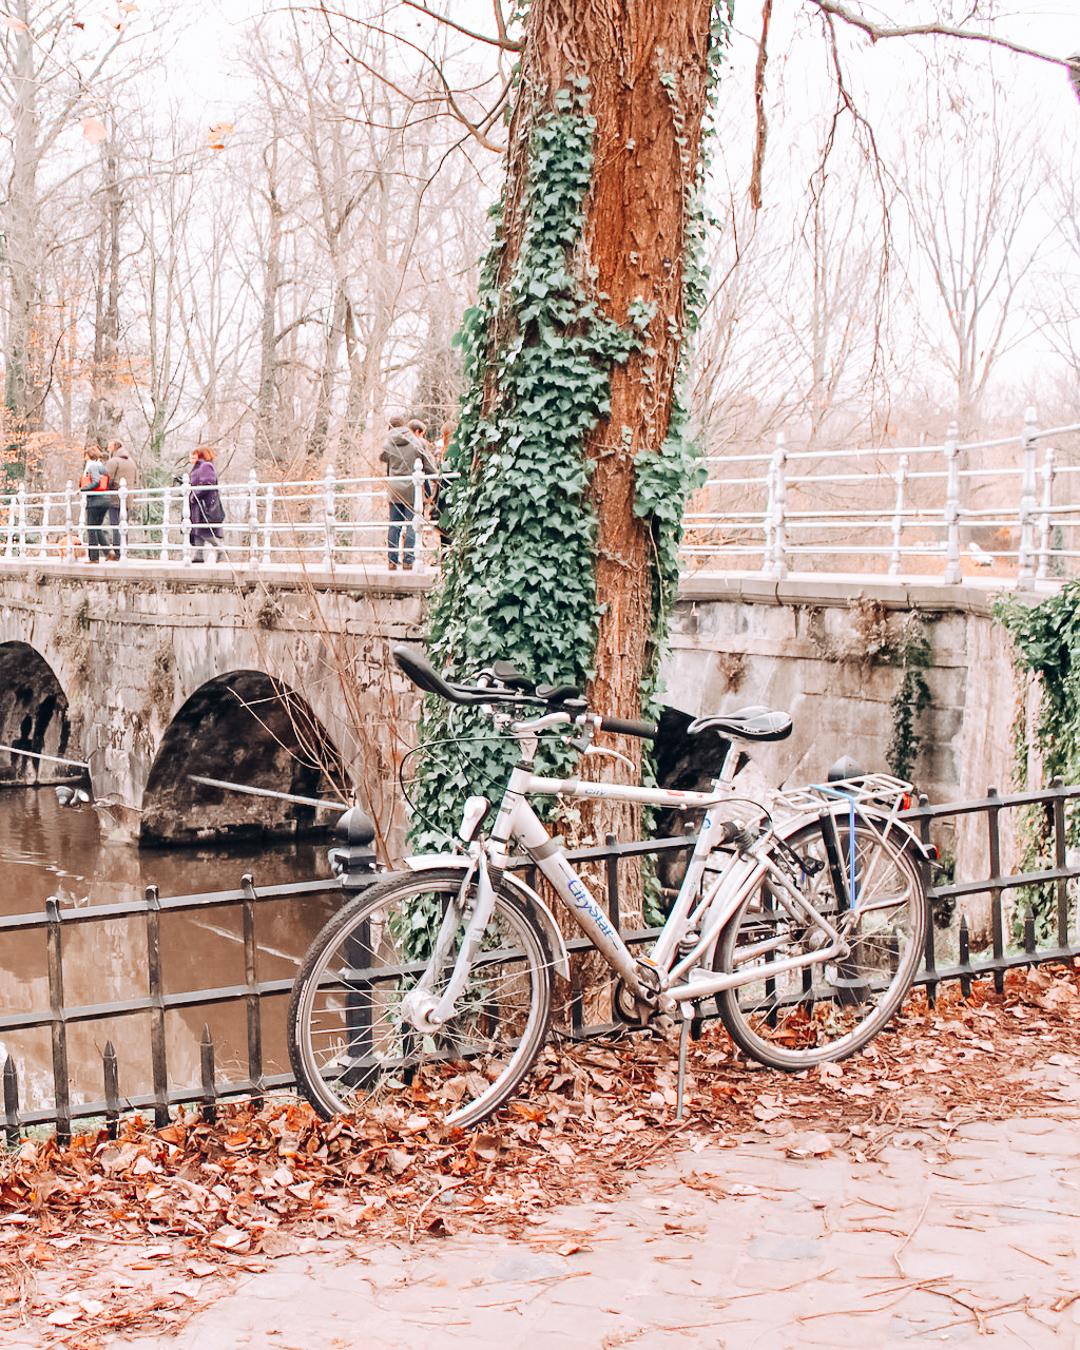 A bike in Belgium